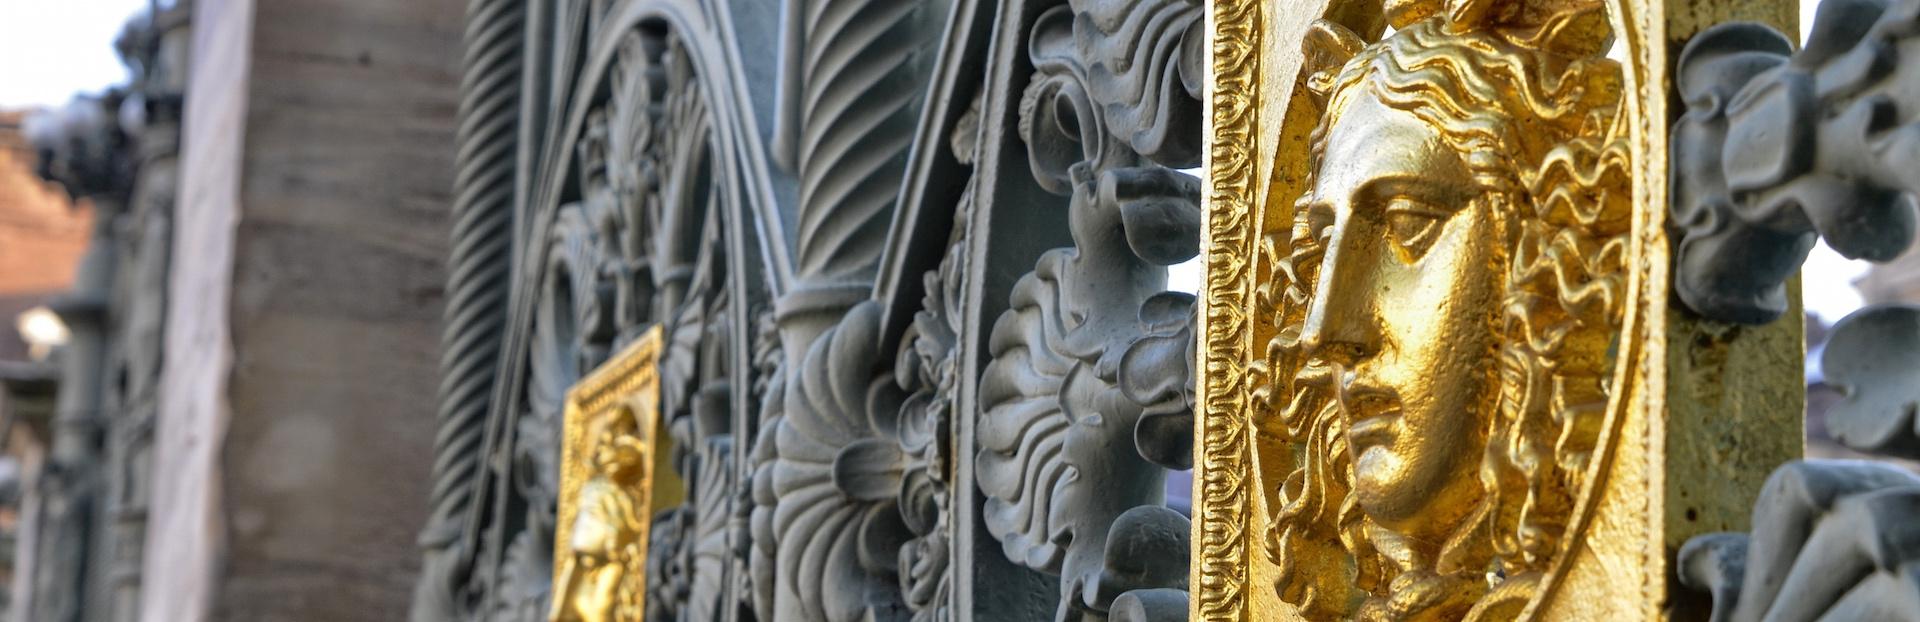 Turin audio tour: Le belle chiese e i palazzi barocchi in Piazza Castello a Torino